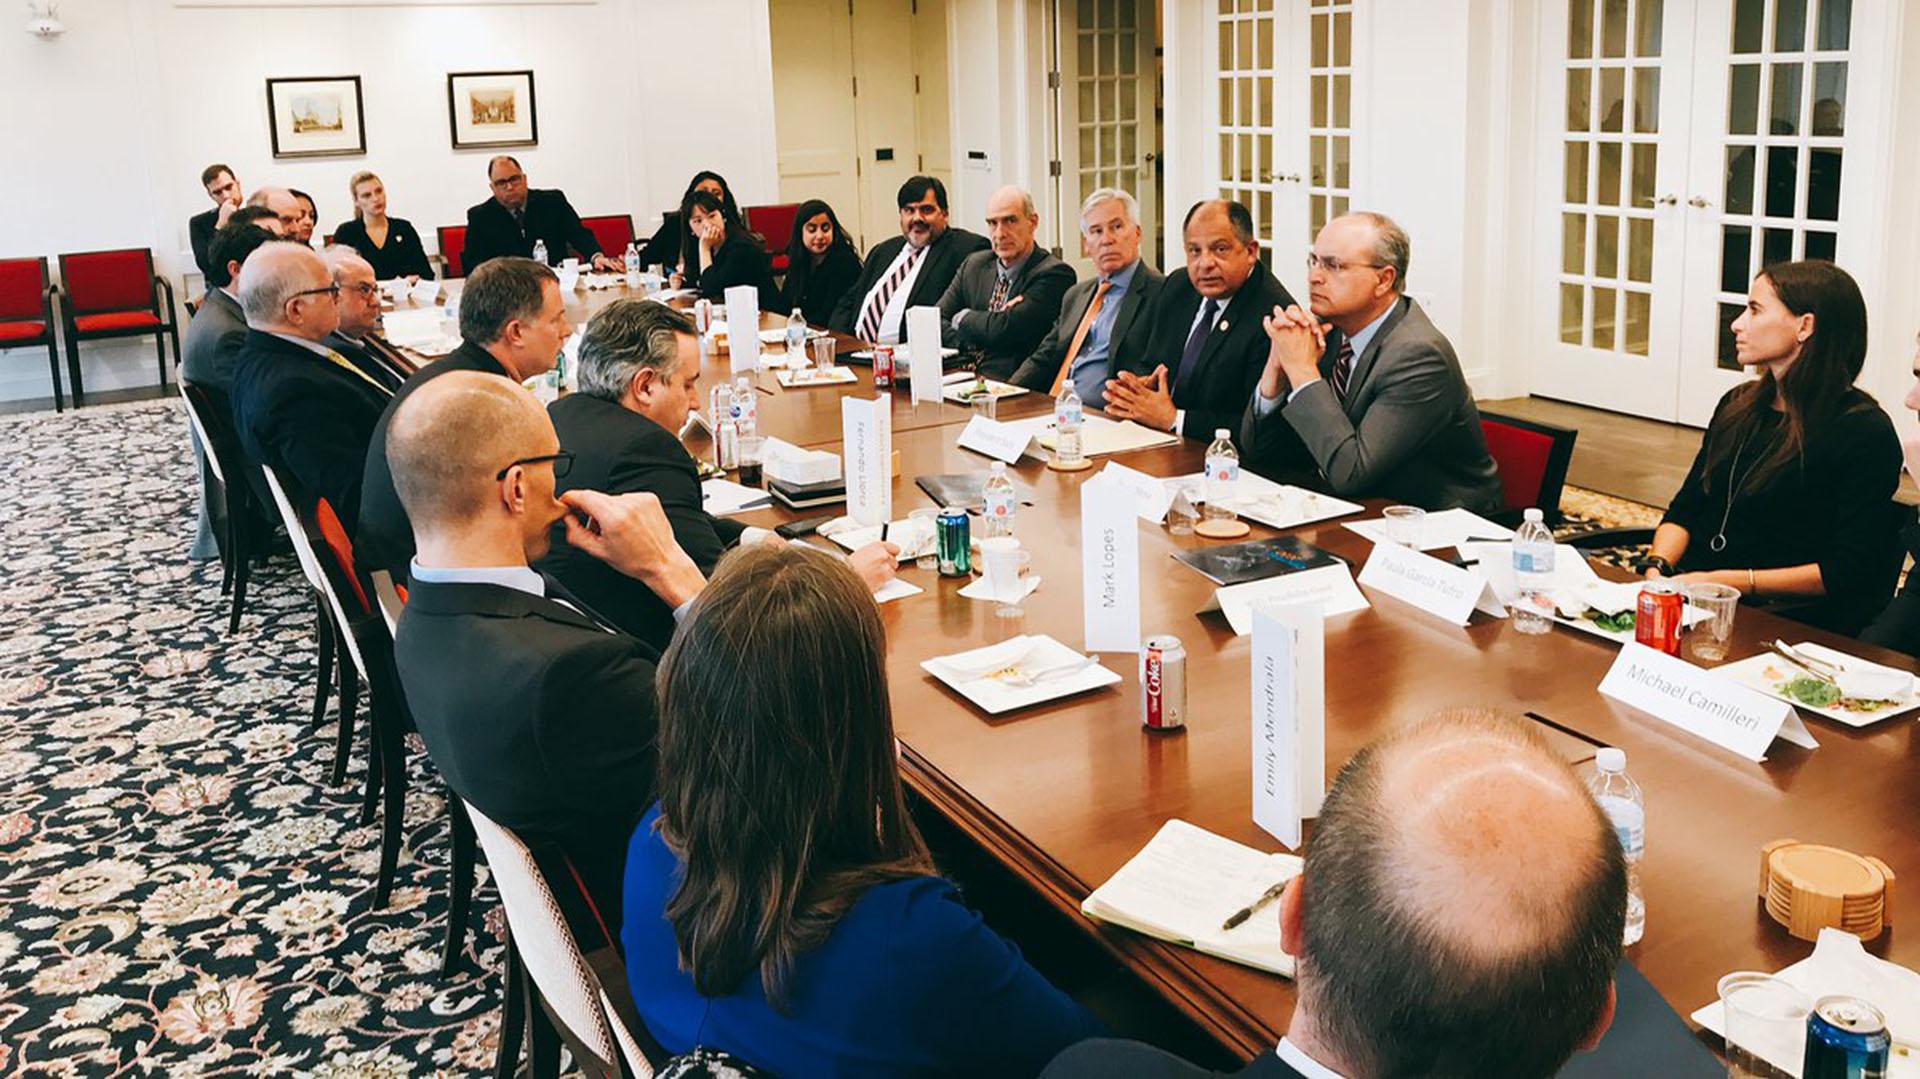 El evento estuvo coordinado por el Penn Biden Center y la Universidad Internacional de Florida, y tuvo lugar en Washington (@PennBiden)